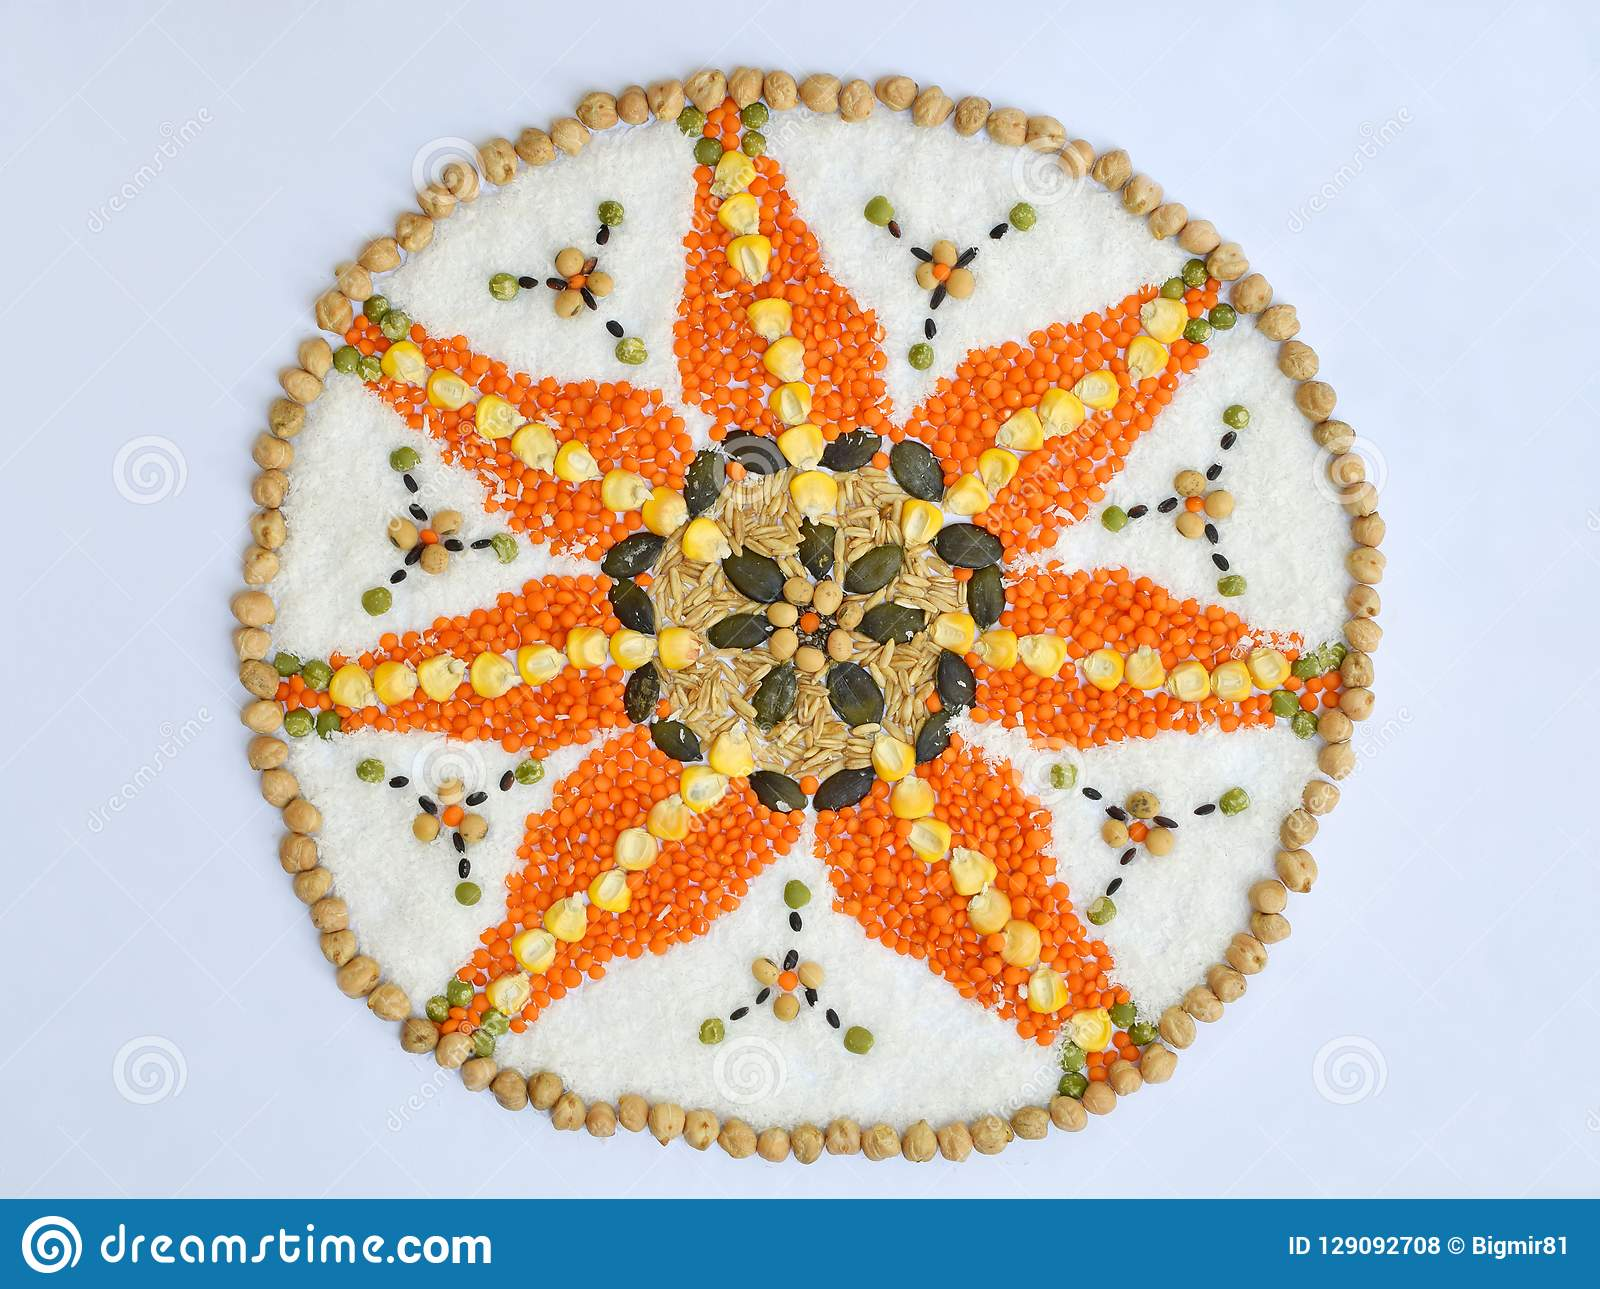 Mandala zboża, adra i ziarna, Bezpłatny pojęcie Kukurudza, koks, ryż, owsy, soczewicy, soje, dyniowy ziarno zdrowa żywność